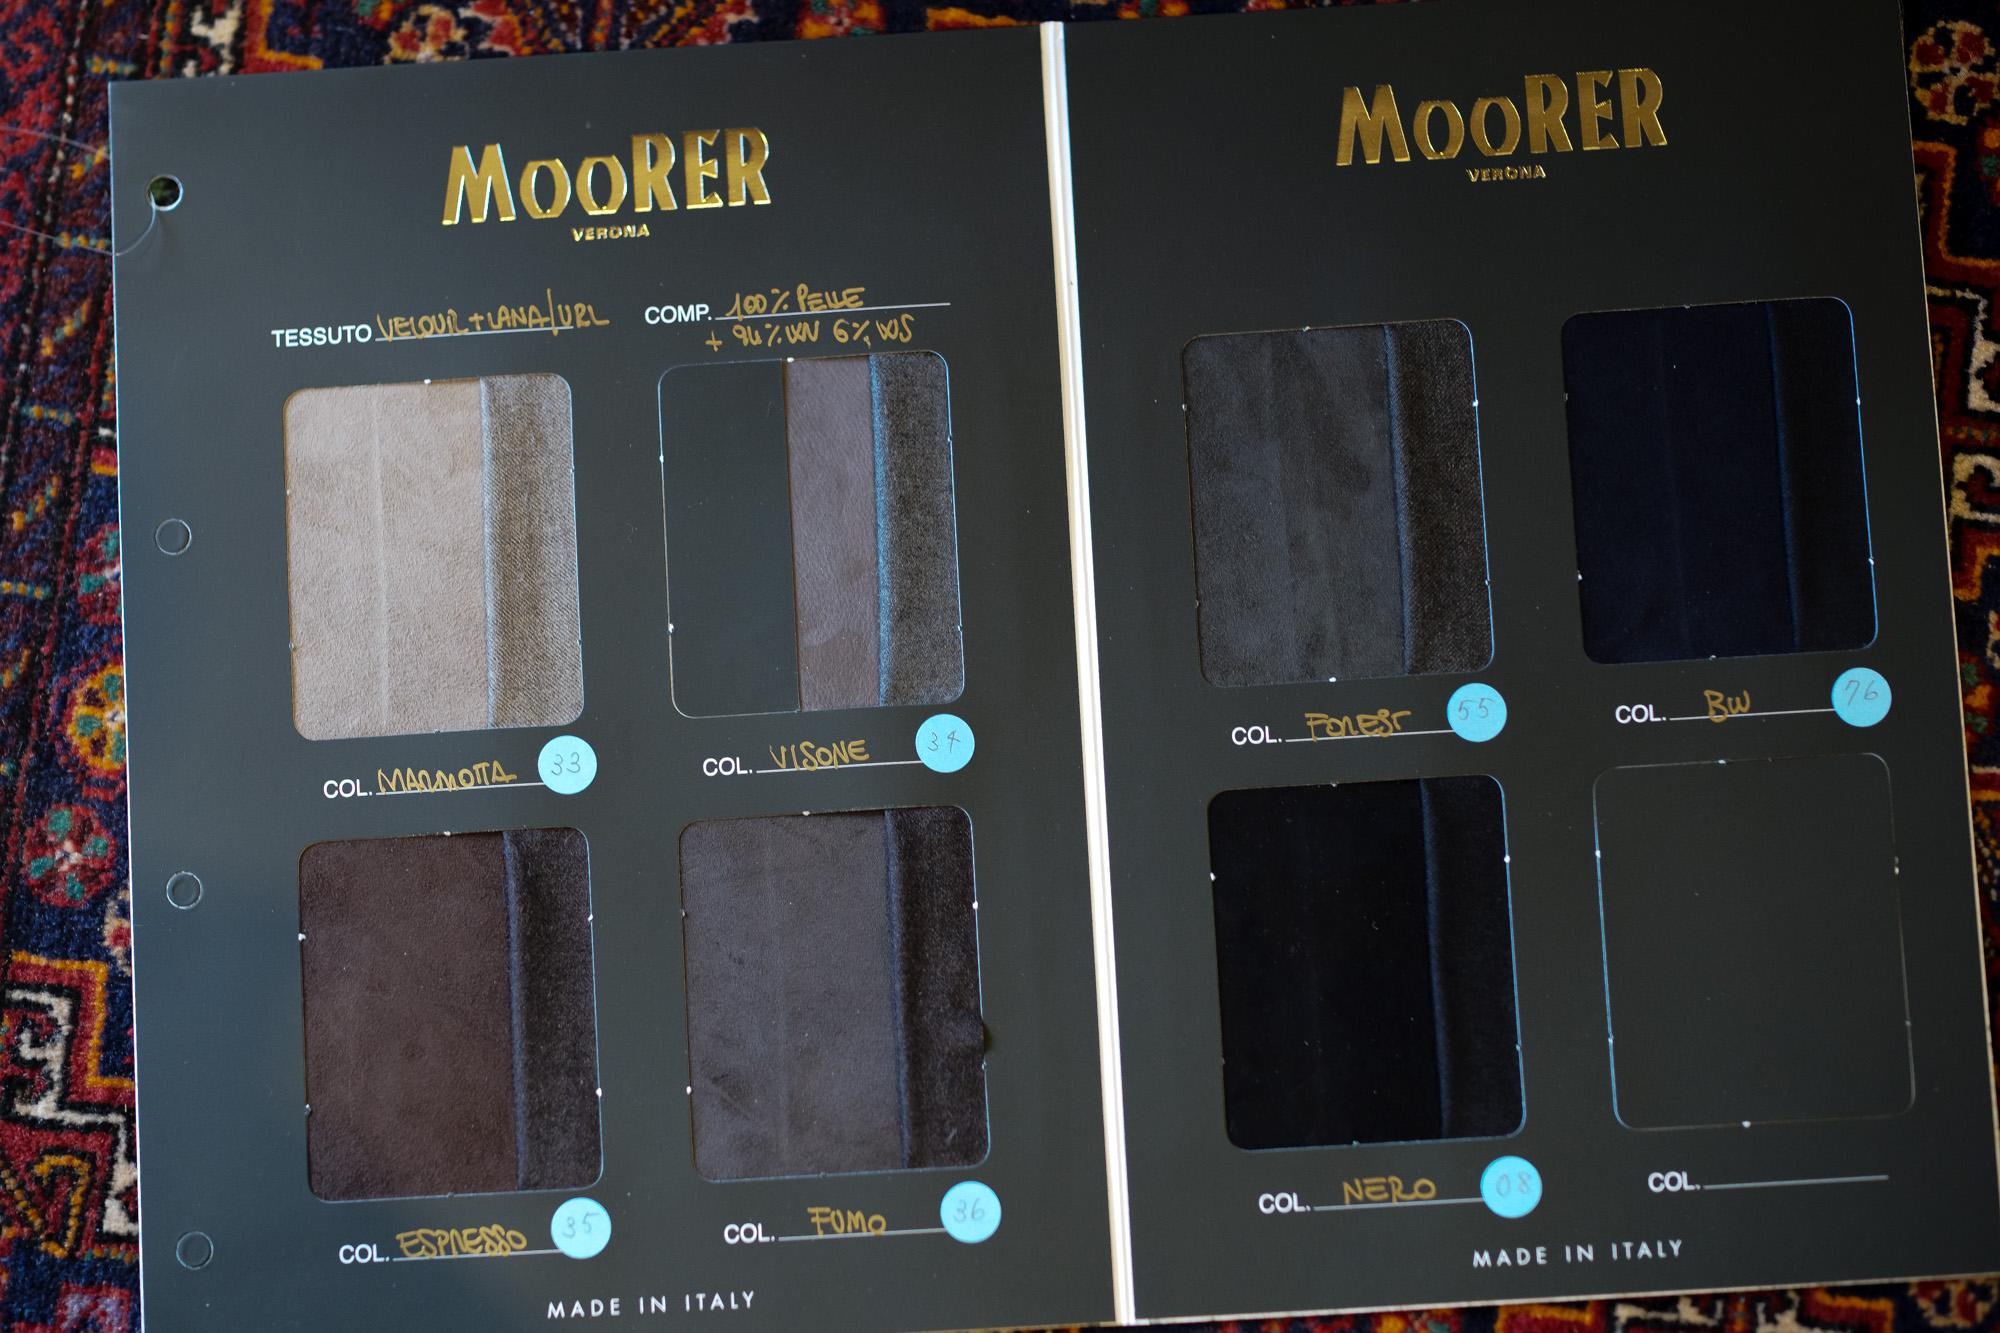 """MOORER """"FANTONI-URL"""" Leather Down Jacket 2021AW /// MARMOTTA(ベージュ・33),VISONE(グレージュ・34),ESPRESSO(ブラウン・35),FUMO(ダークブラウン・36),FOREST(オリーブ・55),BLUE(ネイビー・76),NERO(ブラック・08) 【2021 秋冬 受注会開催 2020.12.14(Mon)~2020.12.26(Sat)】愛知 名古屋 Alto e Dirtto altoediritto アルトエデリット ムーレー ダウンジャケット BRET ONIRO FANTONI BOLGI BOND FAYER HELSINKI HARRIS BARBIERI SIRO MORRIS ダウンコート ダウンベスト ダウン"""